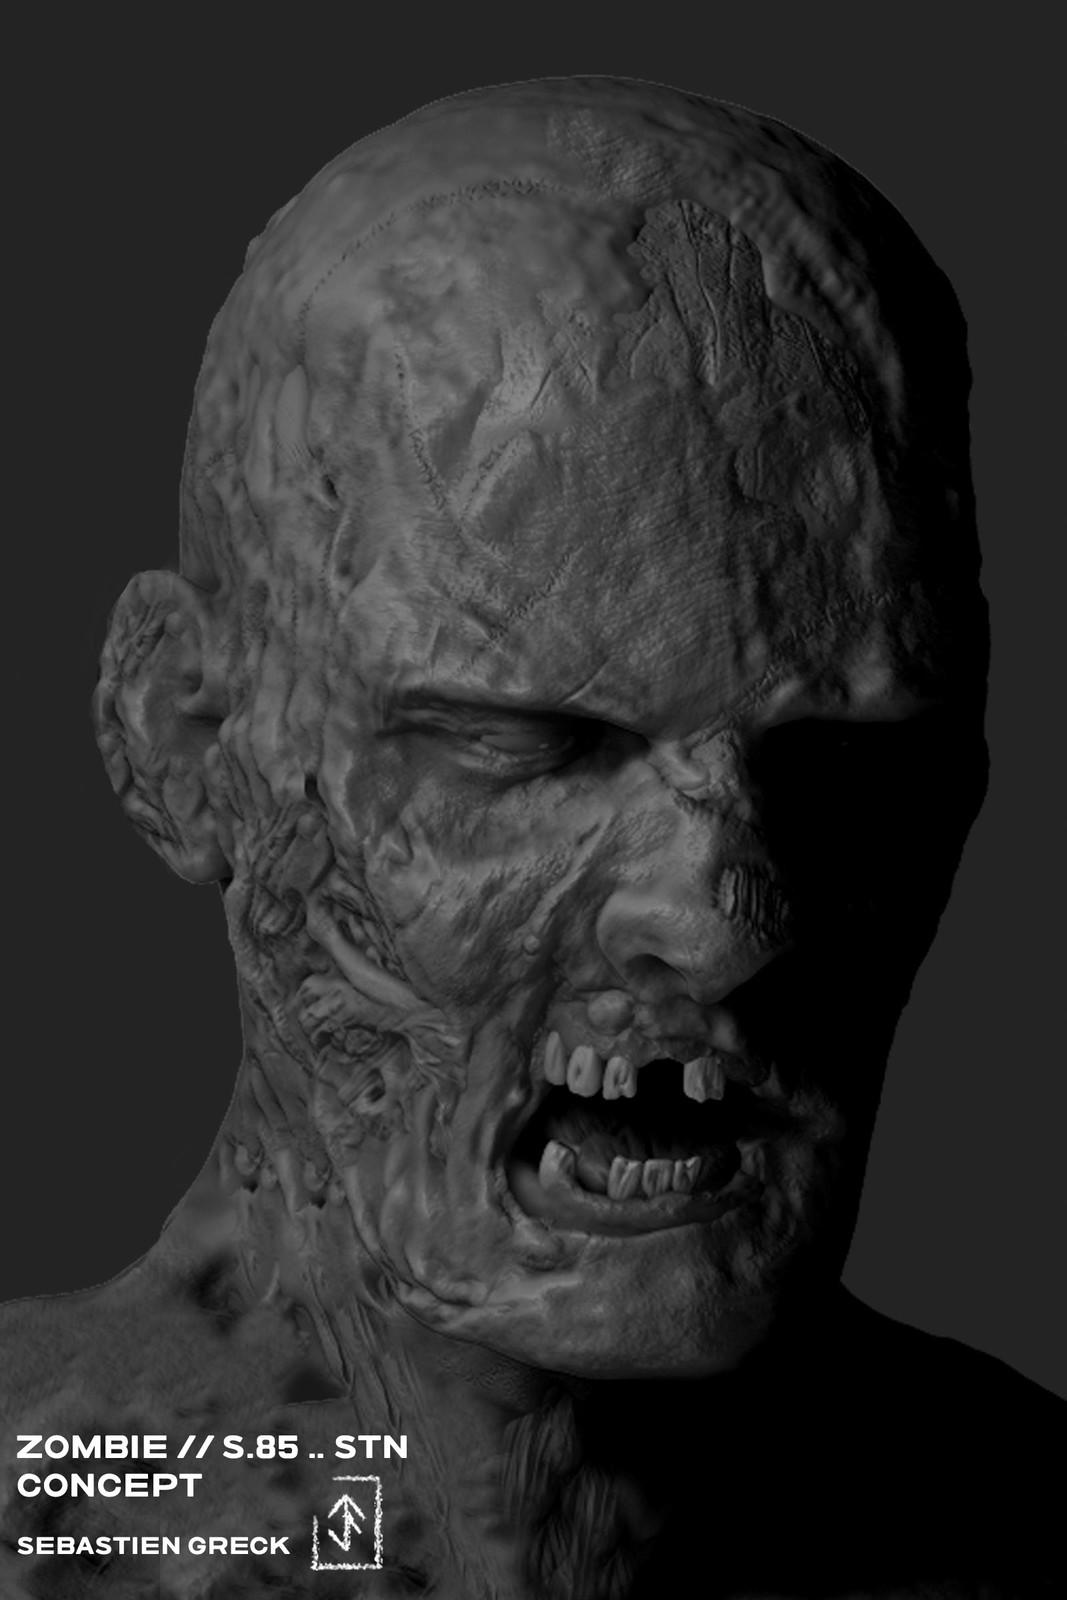 Zombie S.85